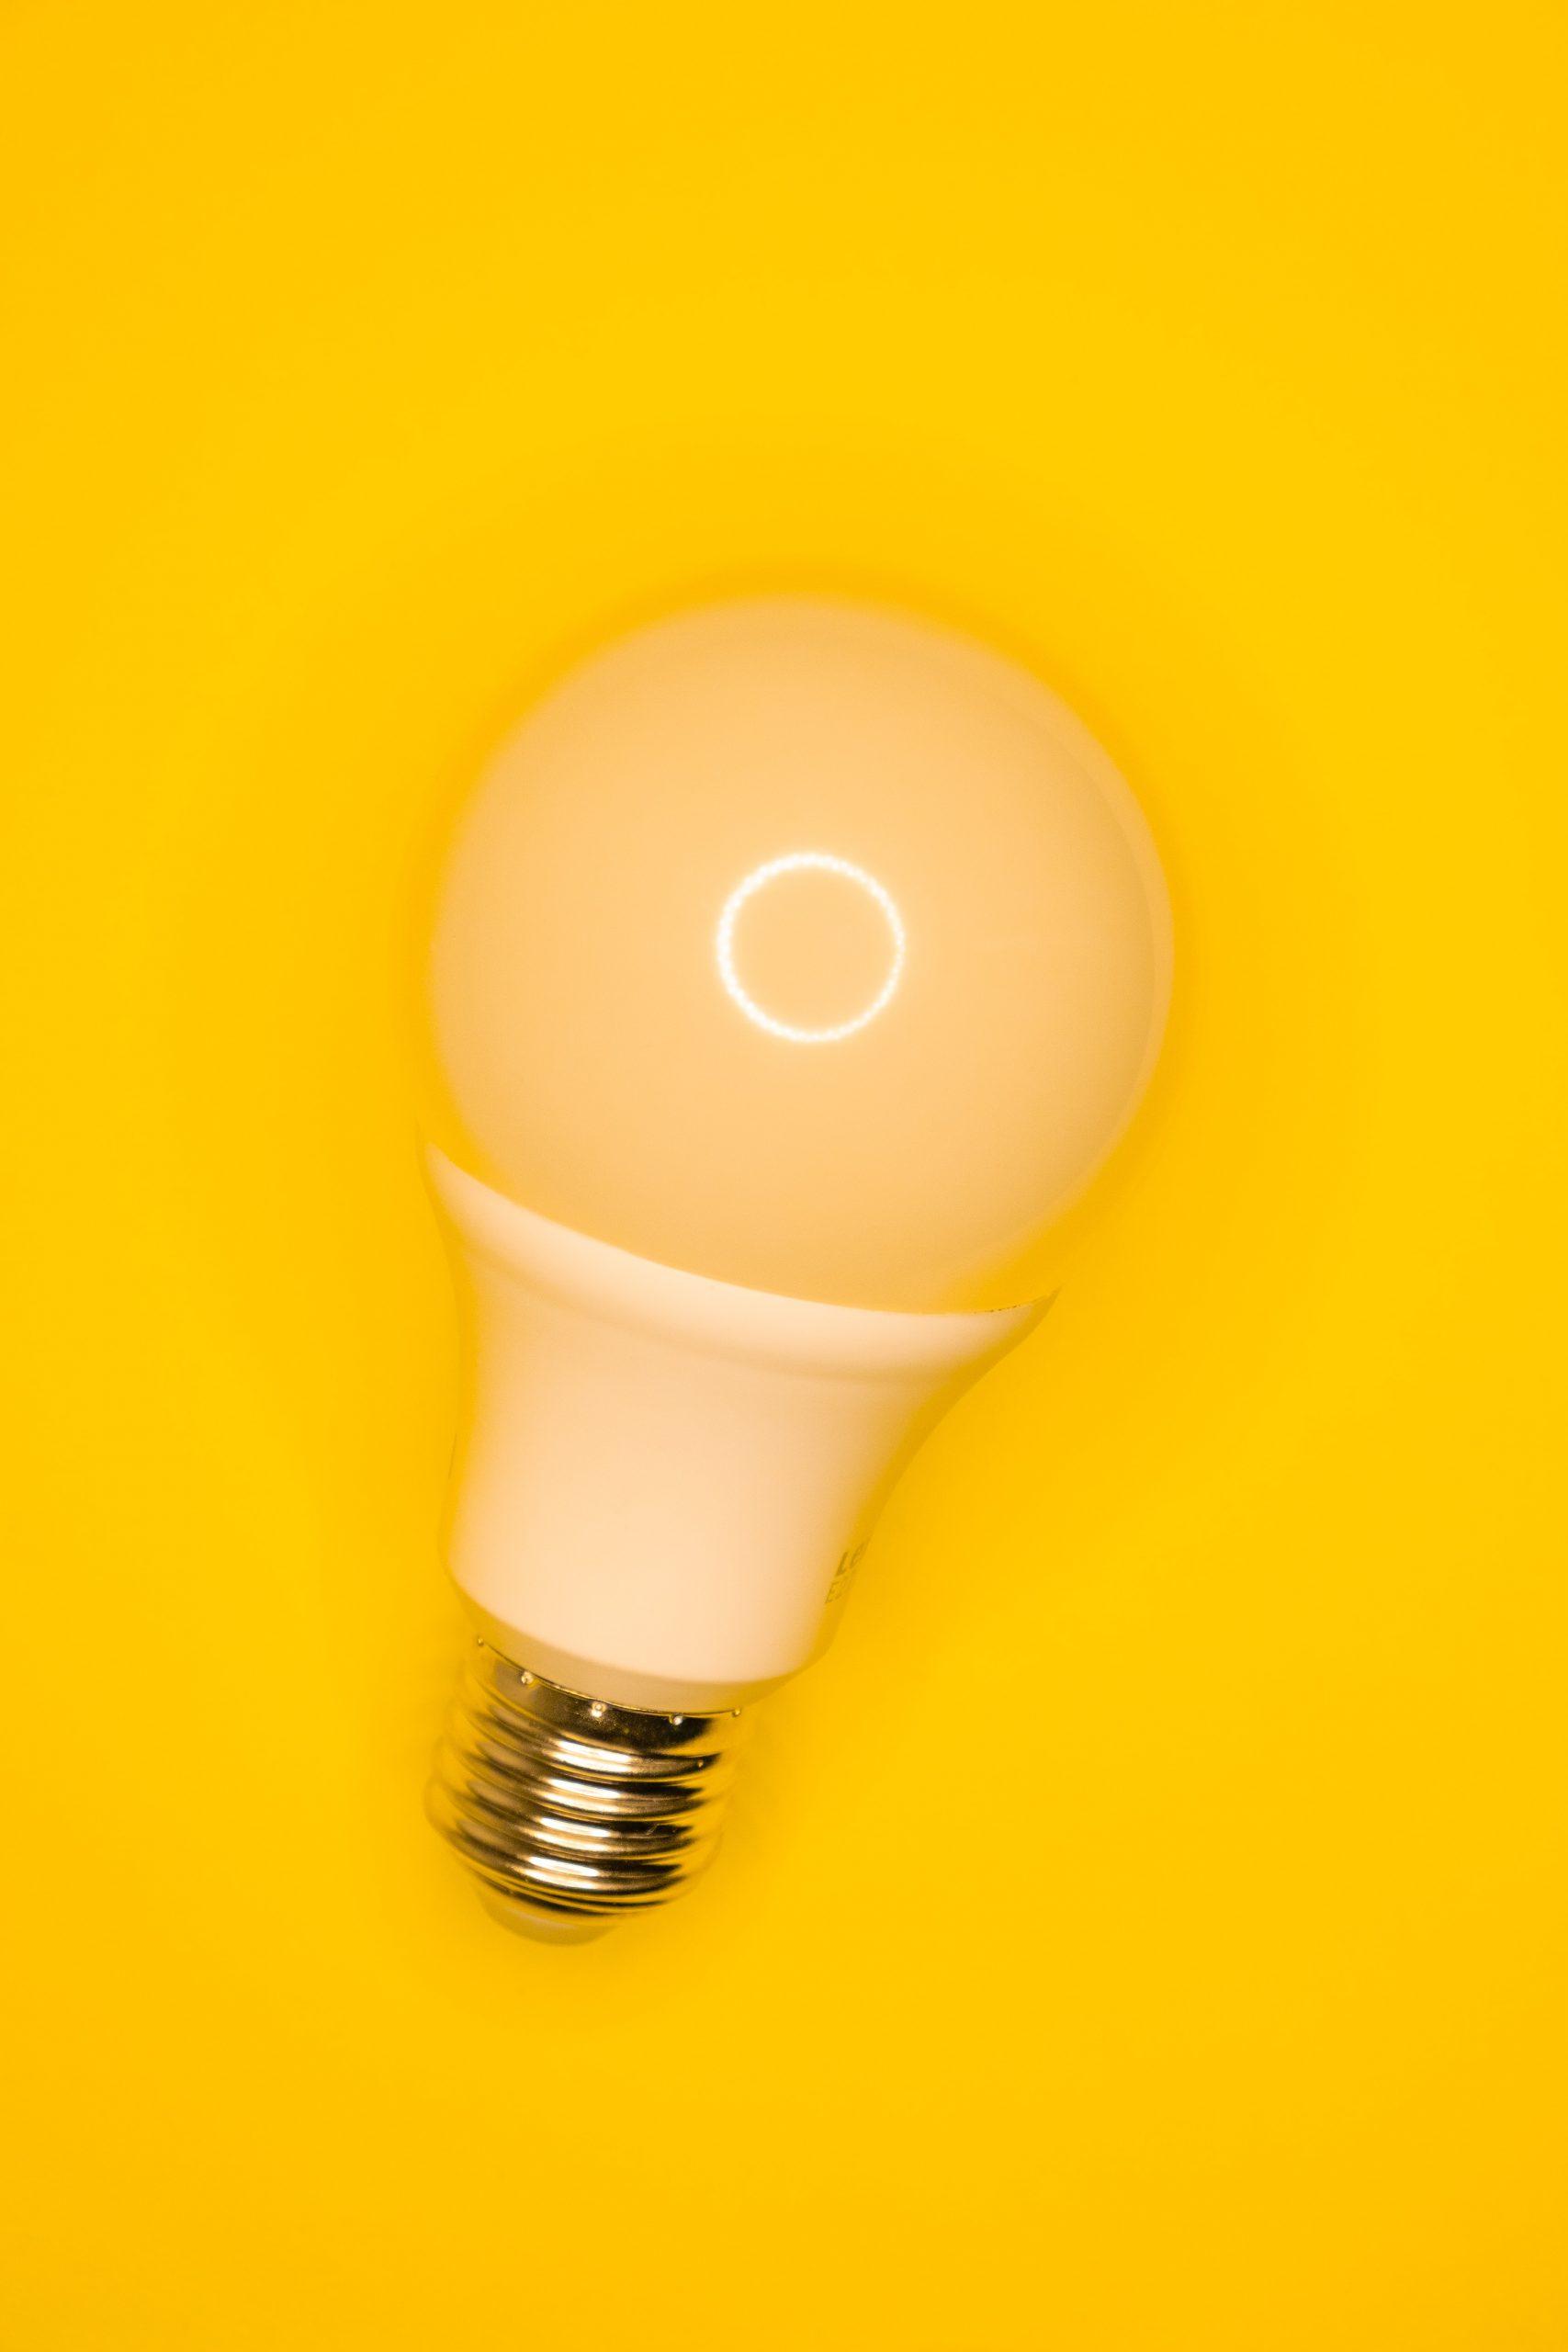 ¿Qué es la innovación? Entrevista a Charles Bolden